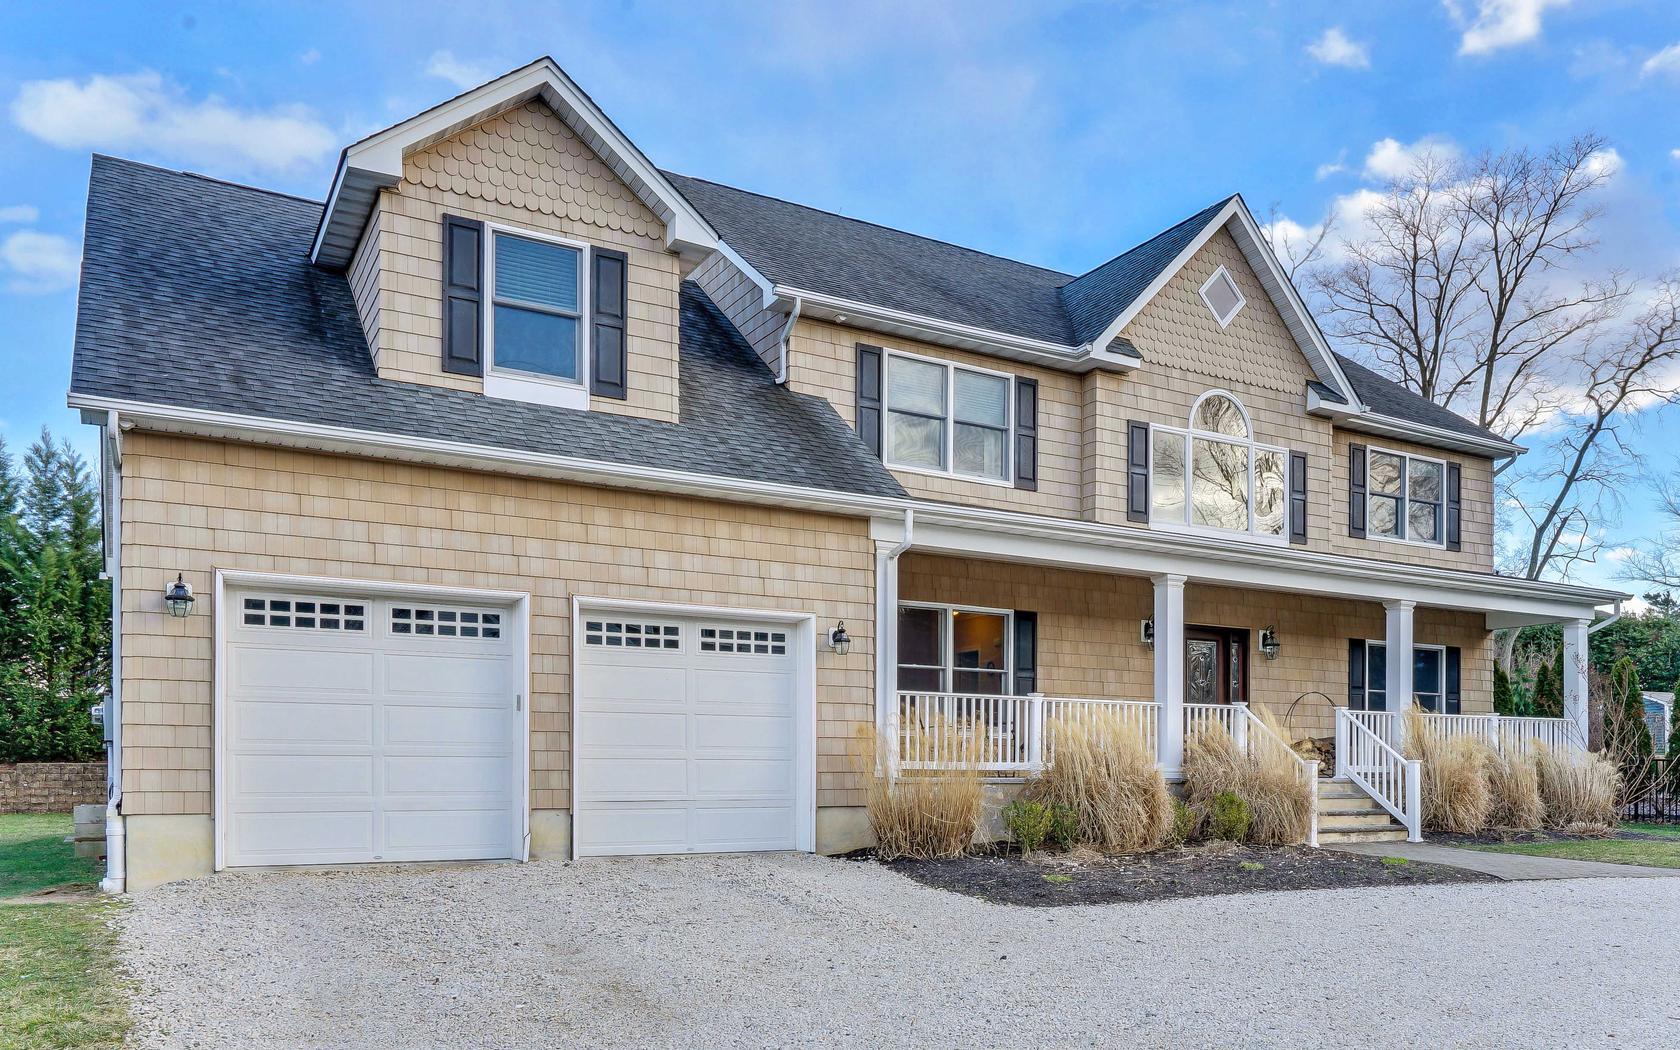 Casa para uma família para Venda às Exquisitely Designed Shore Colonial 304 Old Bridge Road Brielle, Nova Jersey, 08730 Estados Unidos